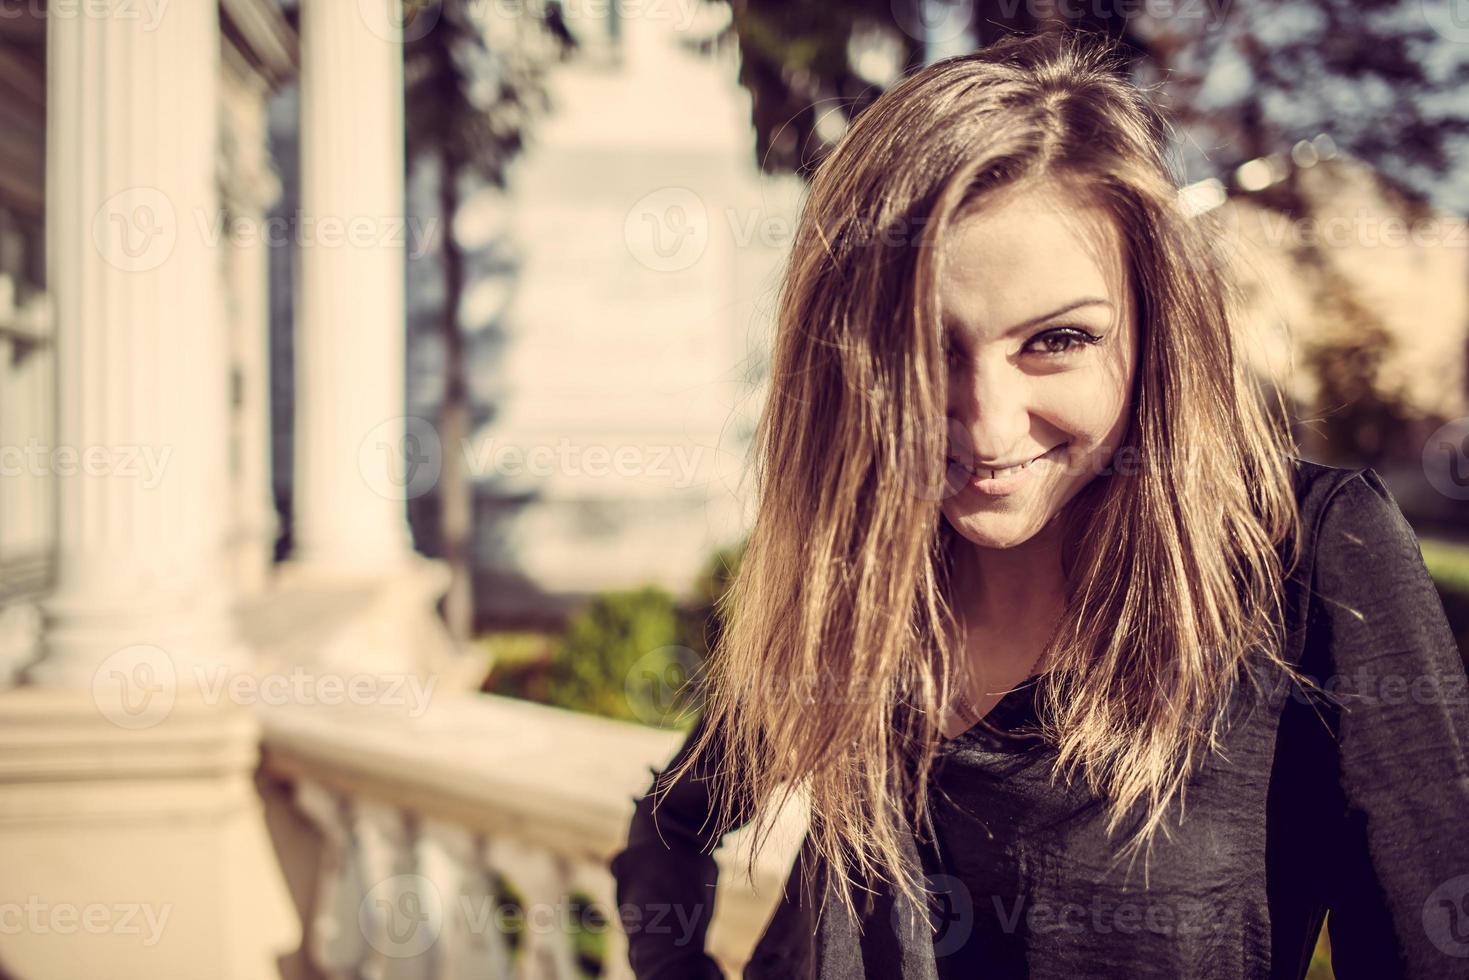 jeune mode jolie femme portrait ensoleillé automne extérieur. photo